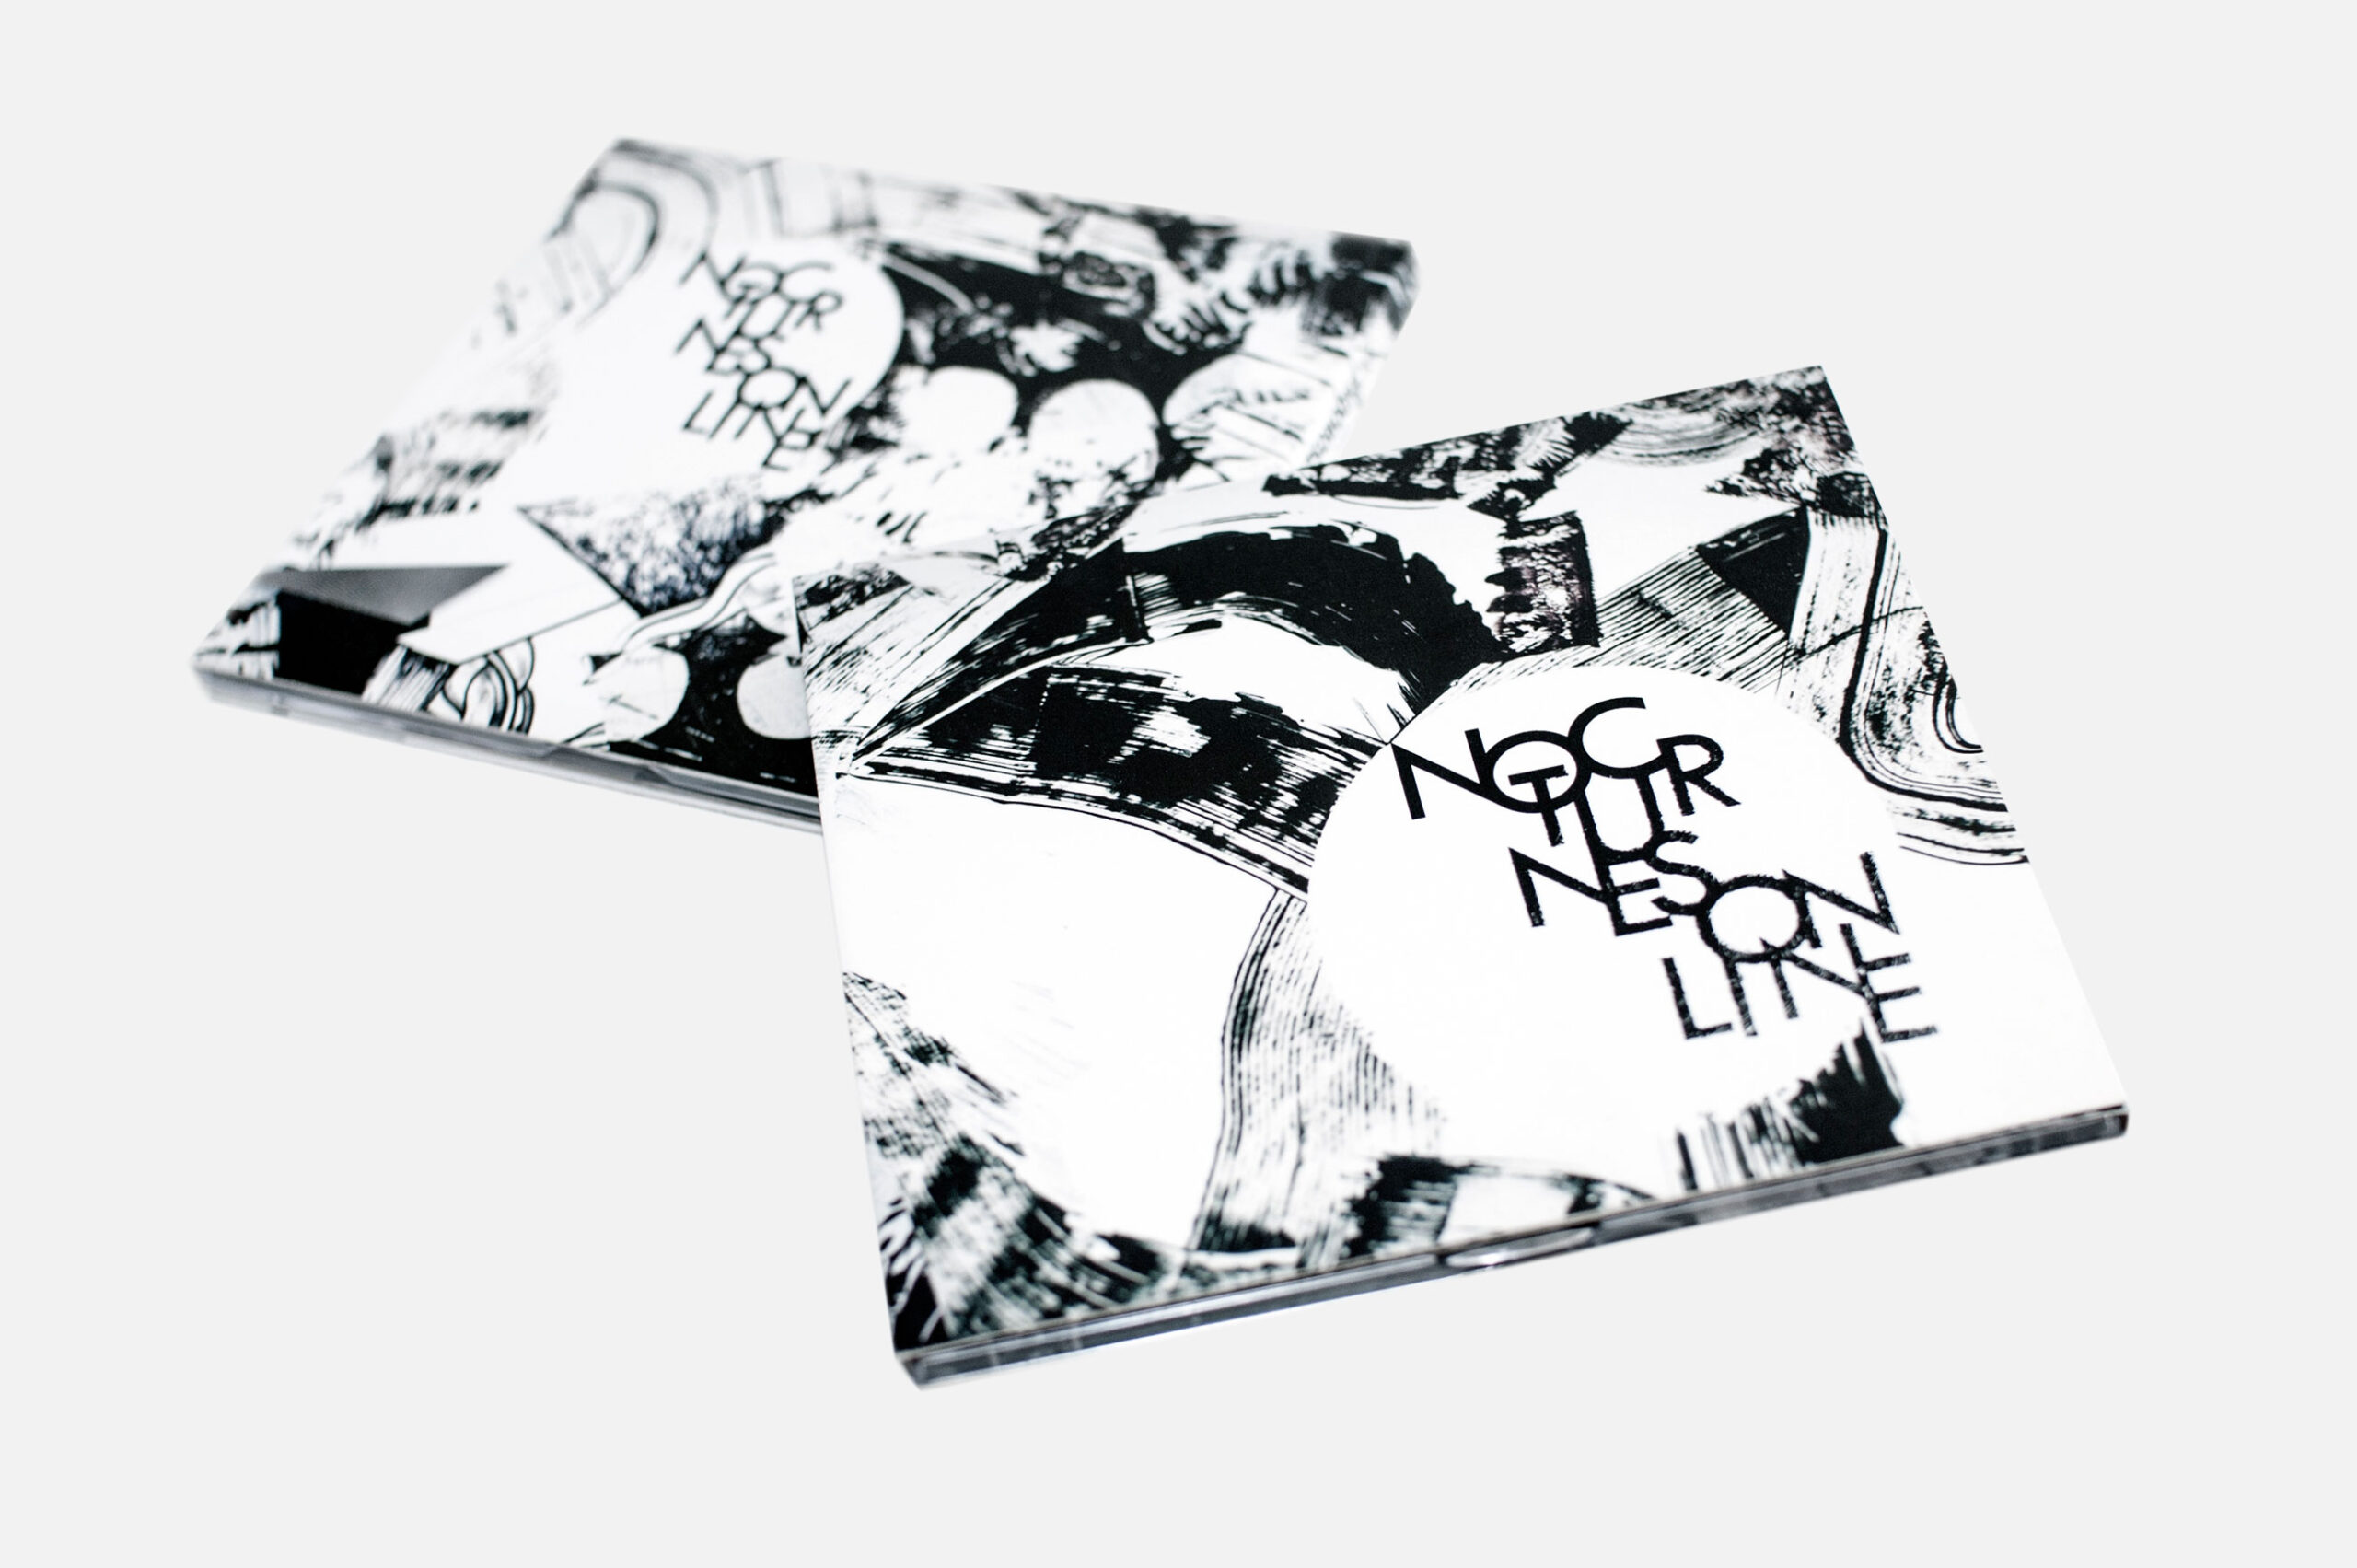 Jacek Doroszenko - Nocturnes Online, CD, music album 06